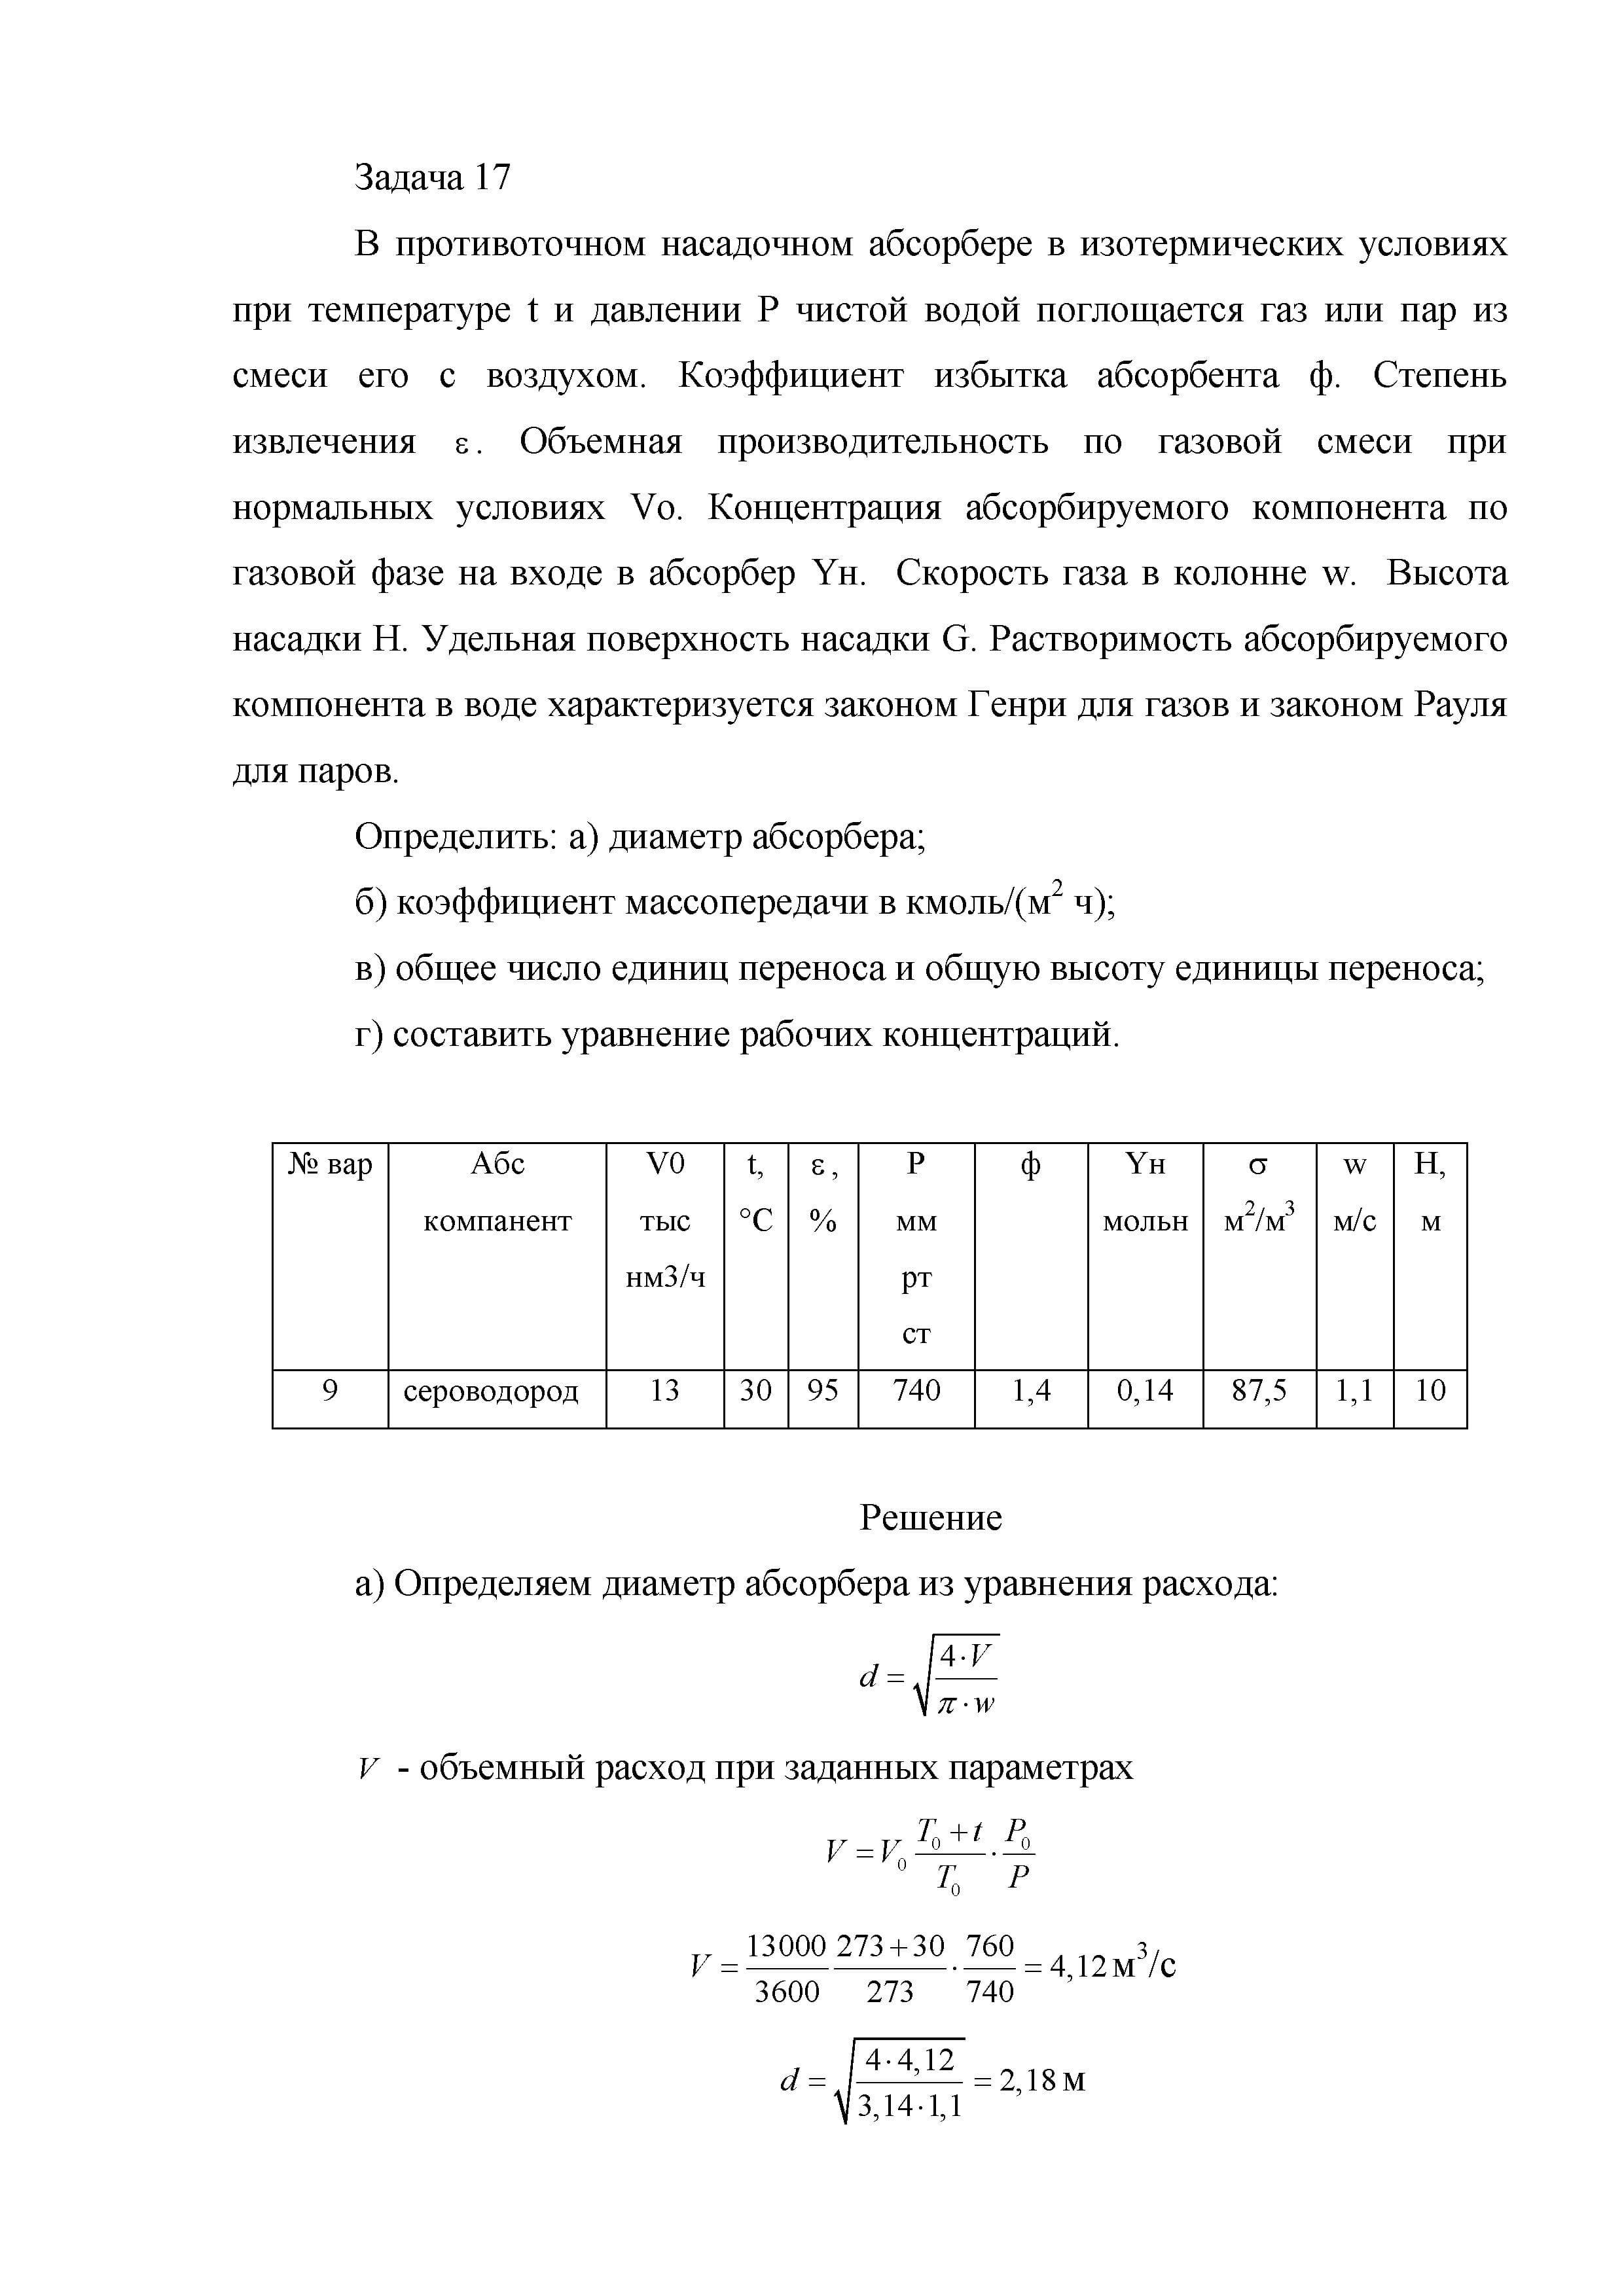 уравнение рабочих концентраций